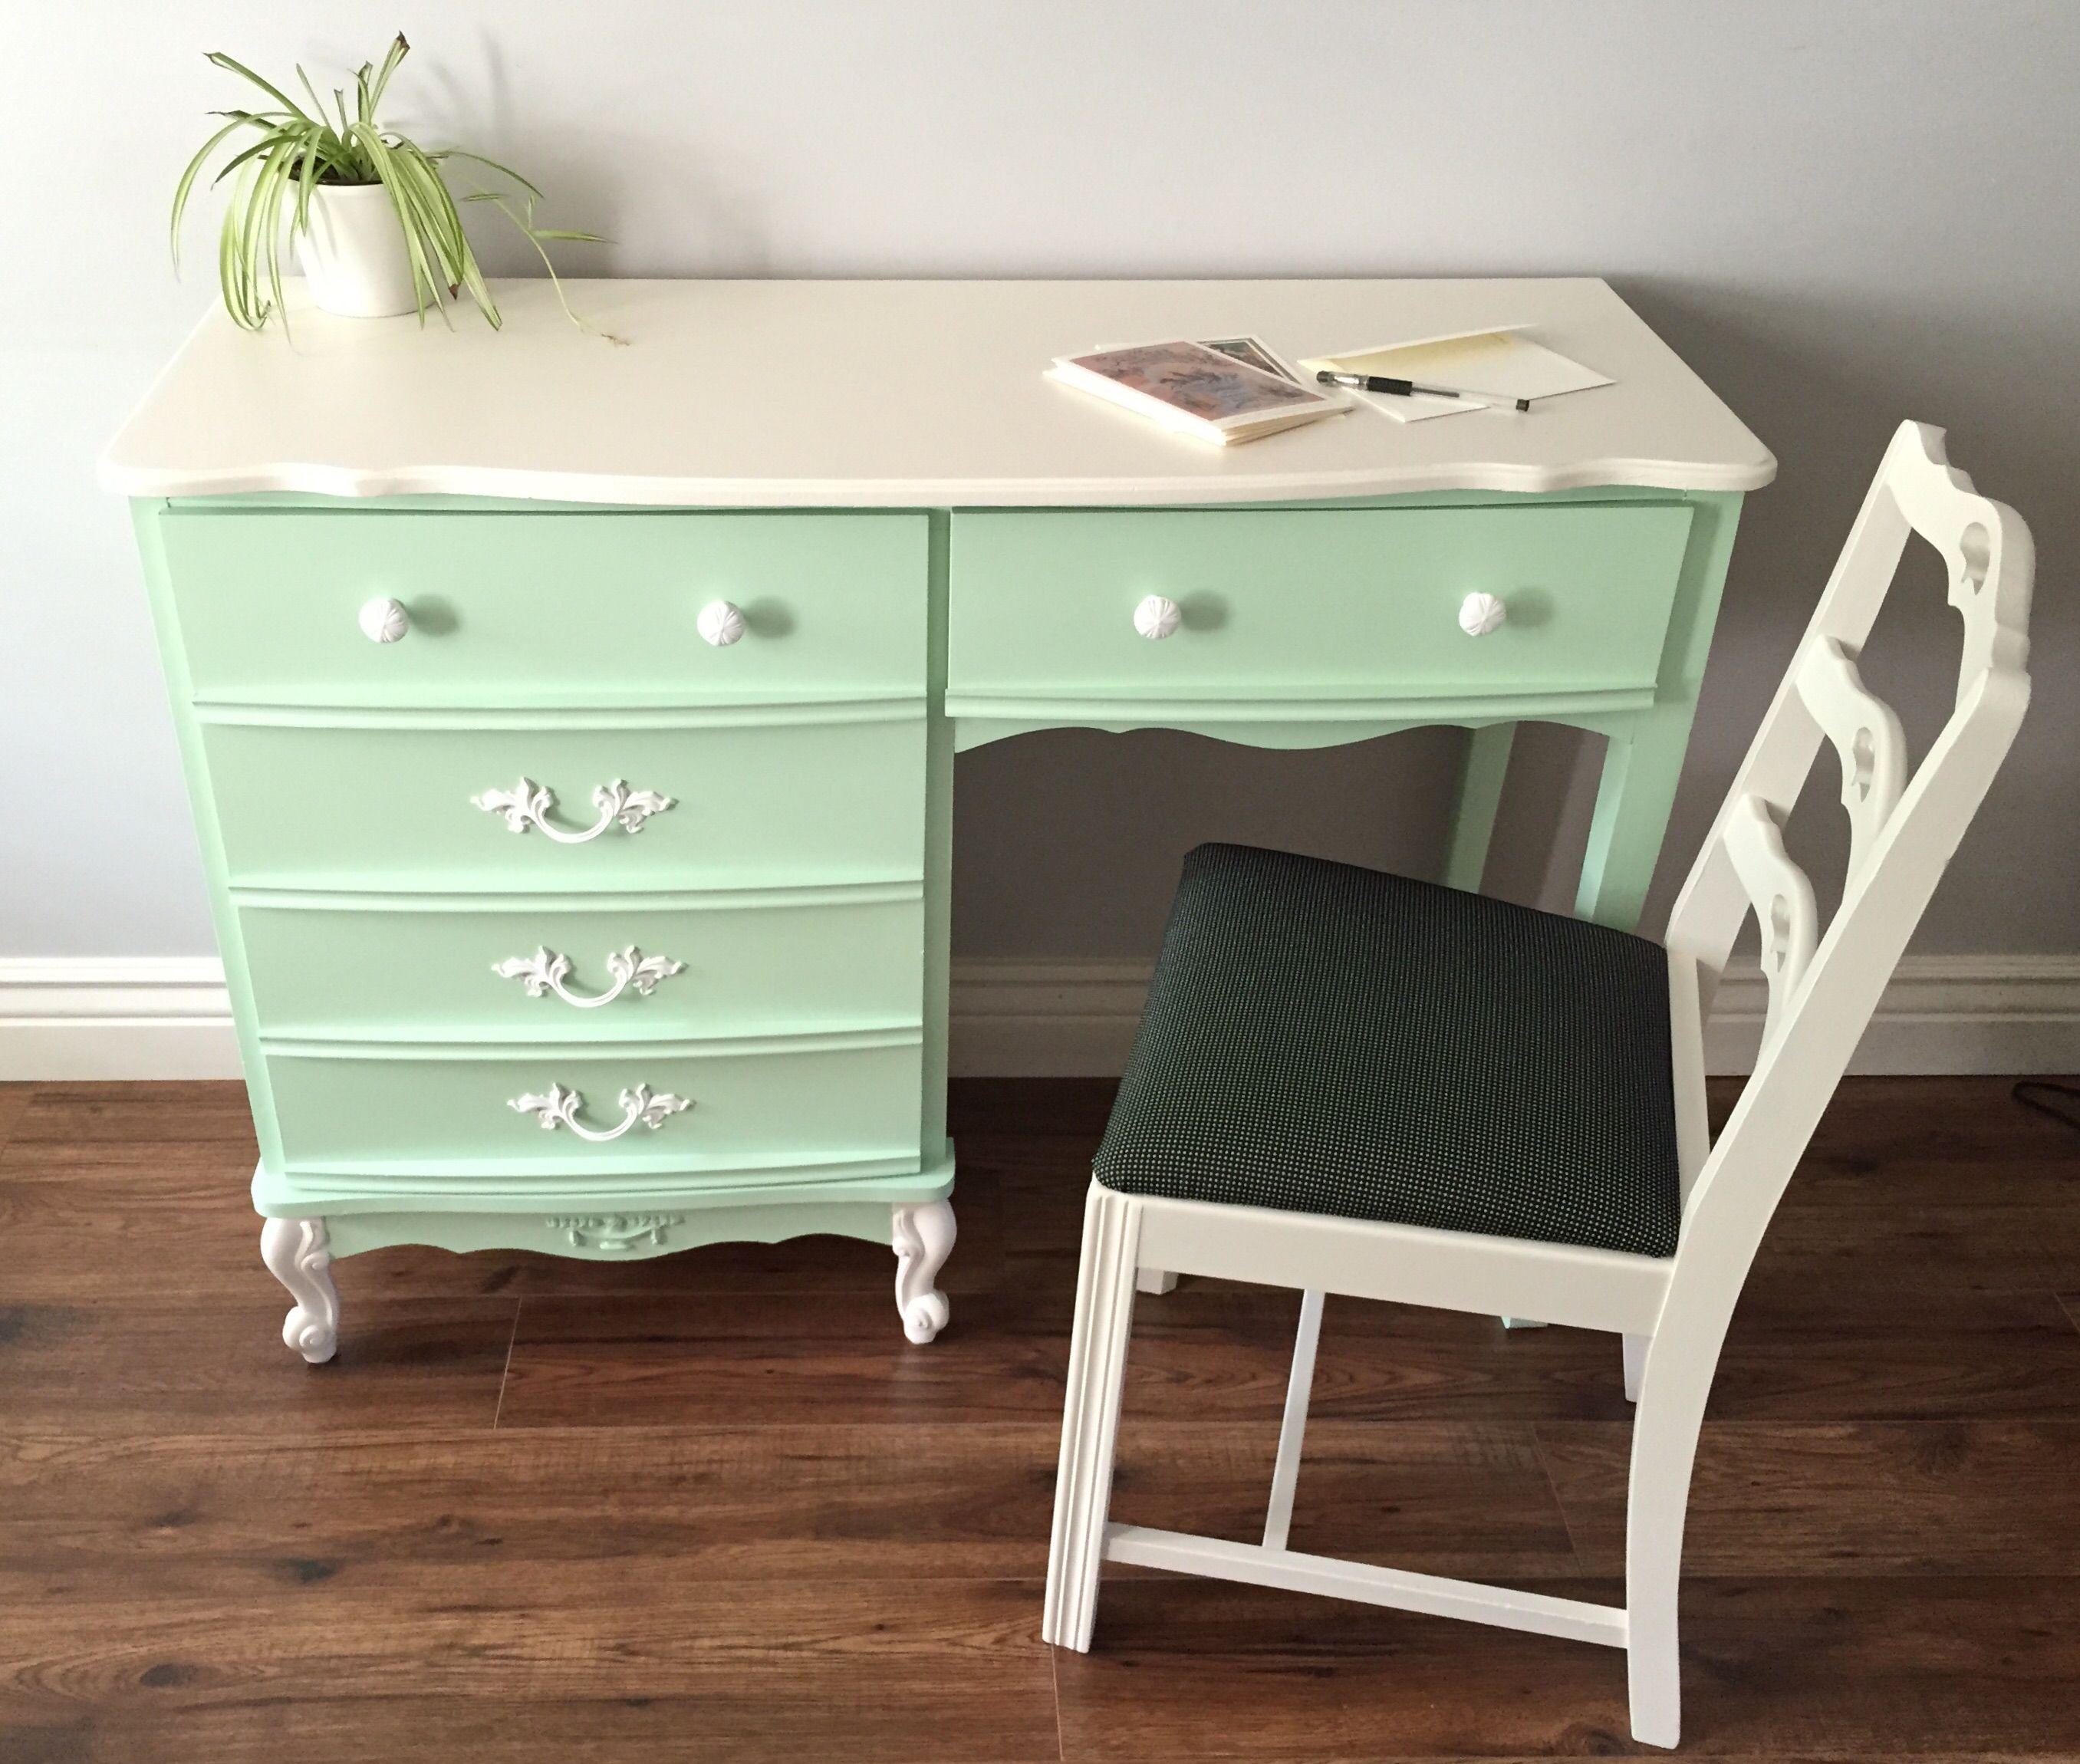 french provincial desk makeover painted furniture desk makeover rh pinterest com